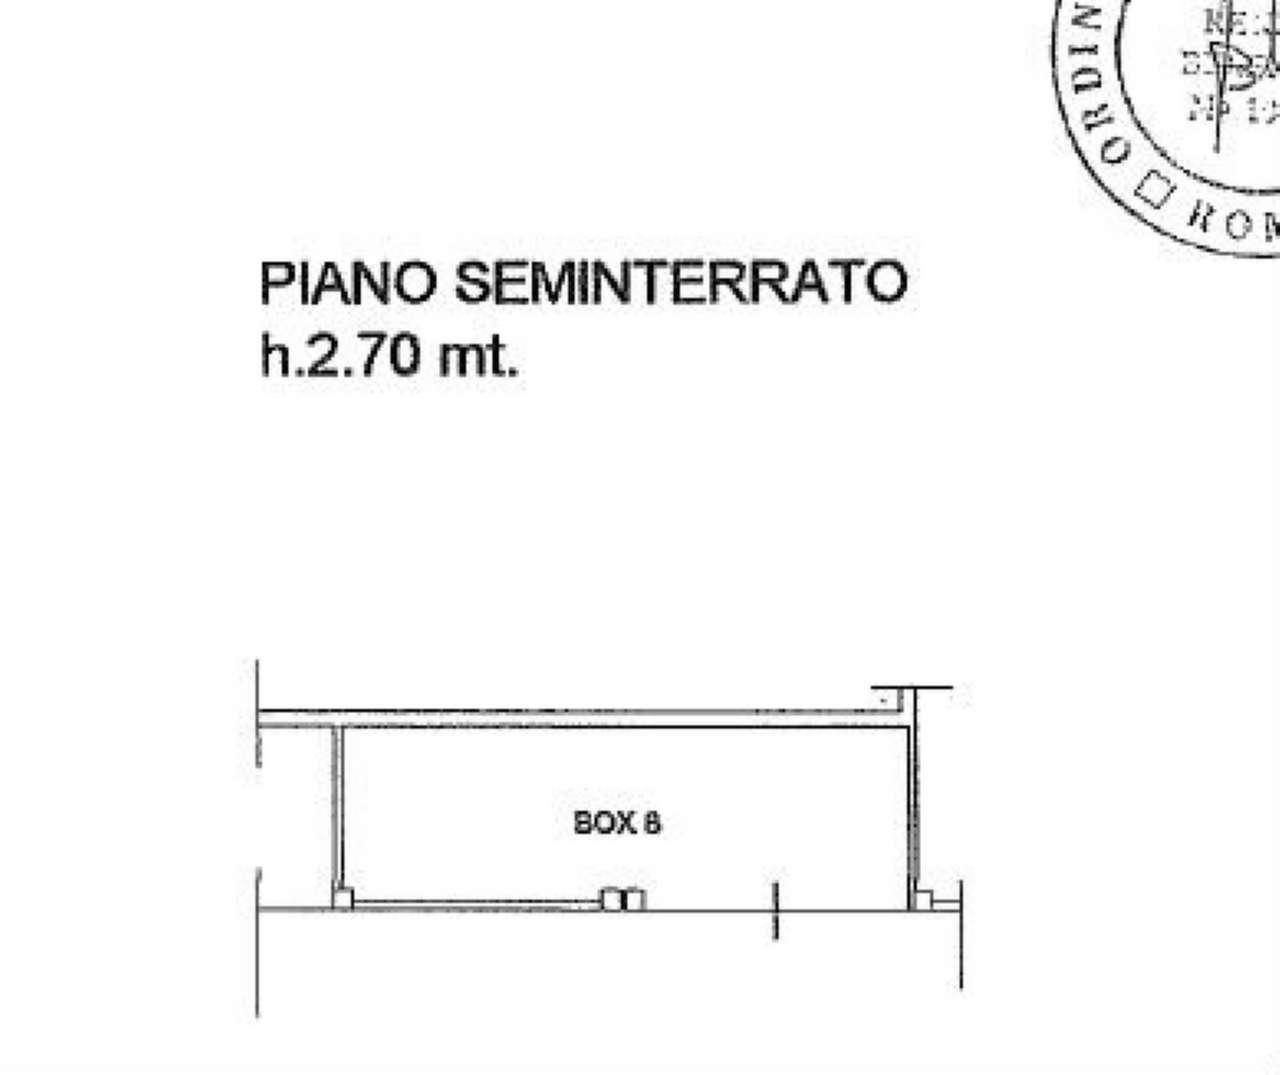 Foto 22 di Villa a Schiera via MITTA 6, Roma (zona Finocchio - Torre Gaia - Tor Vergata)